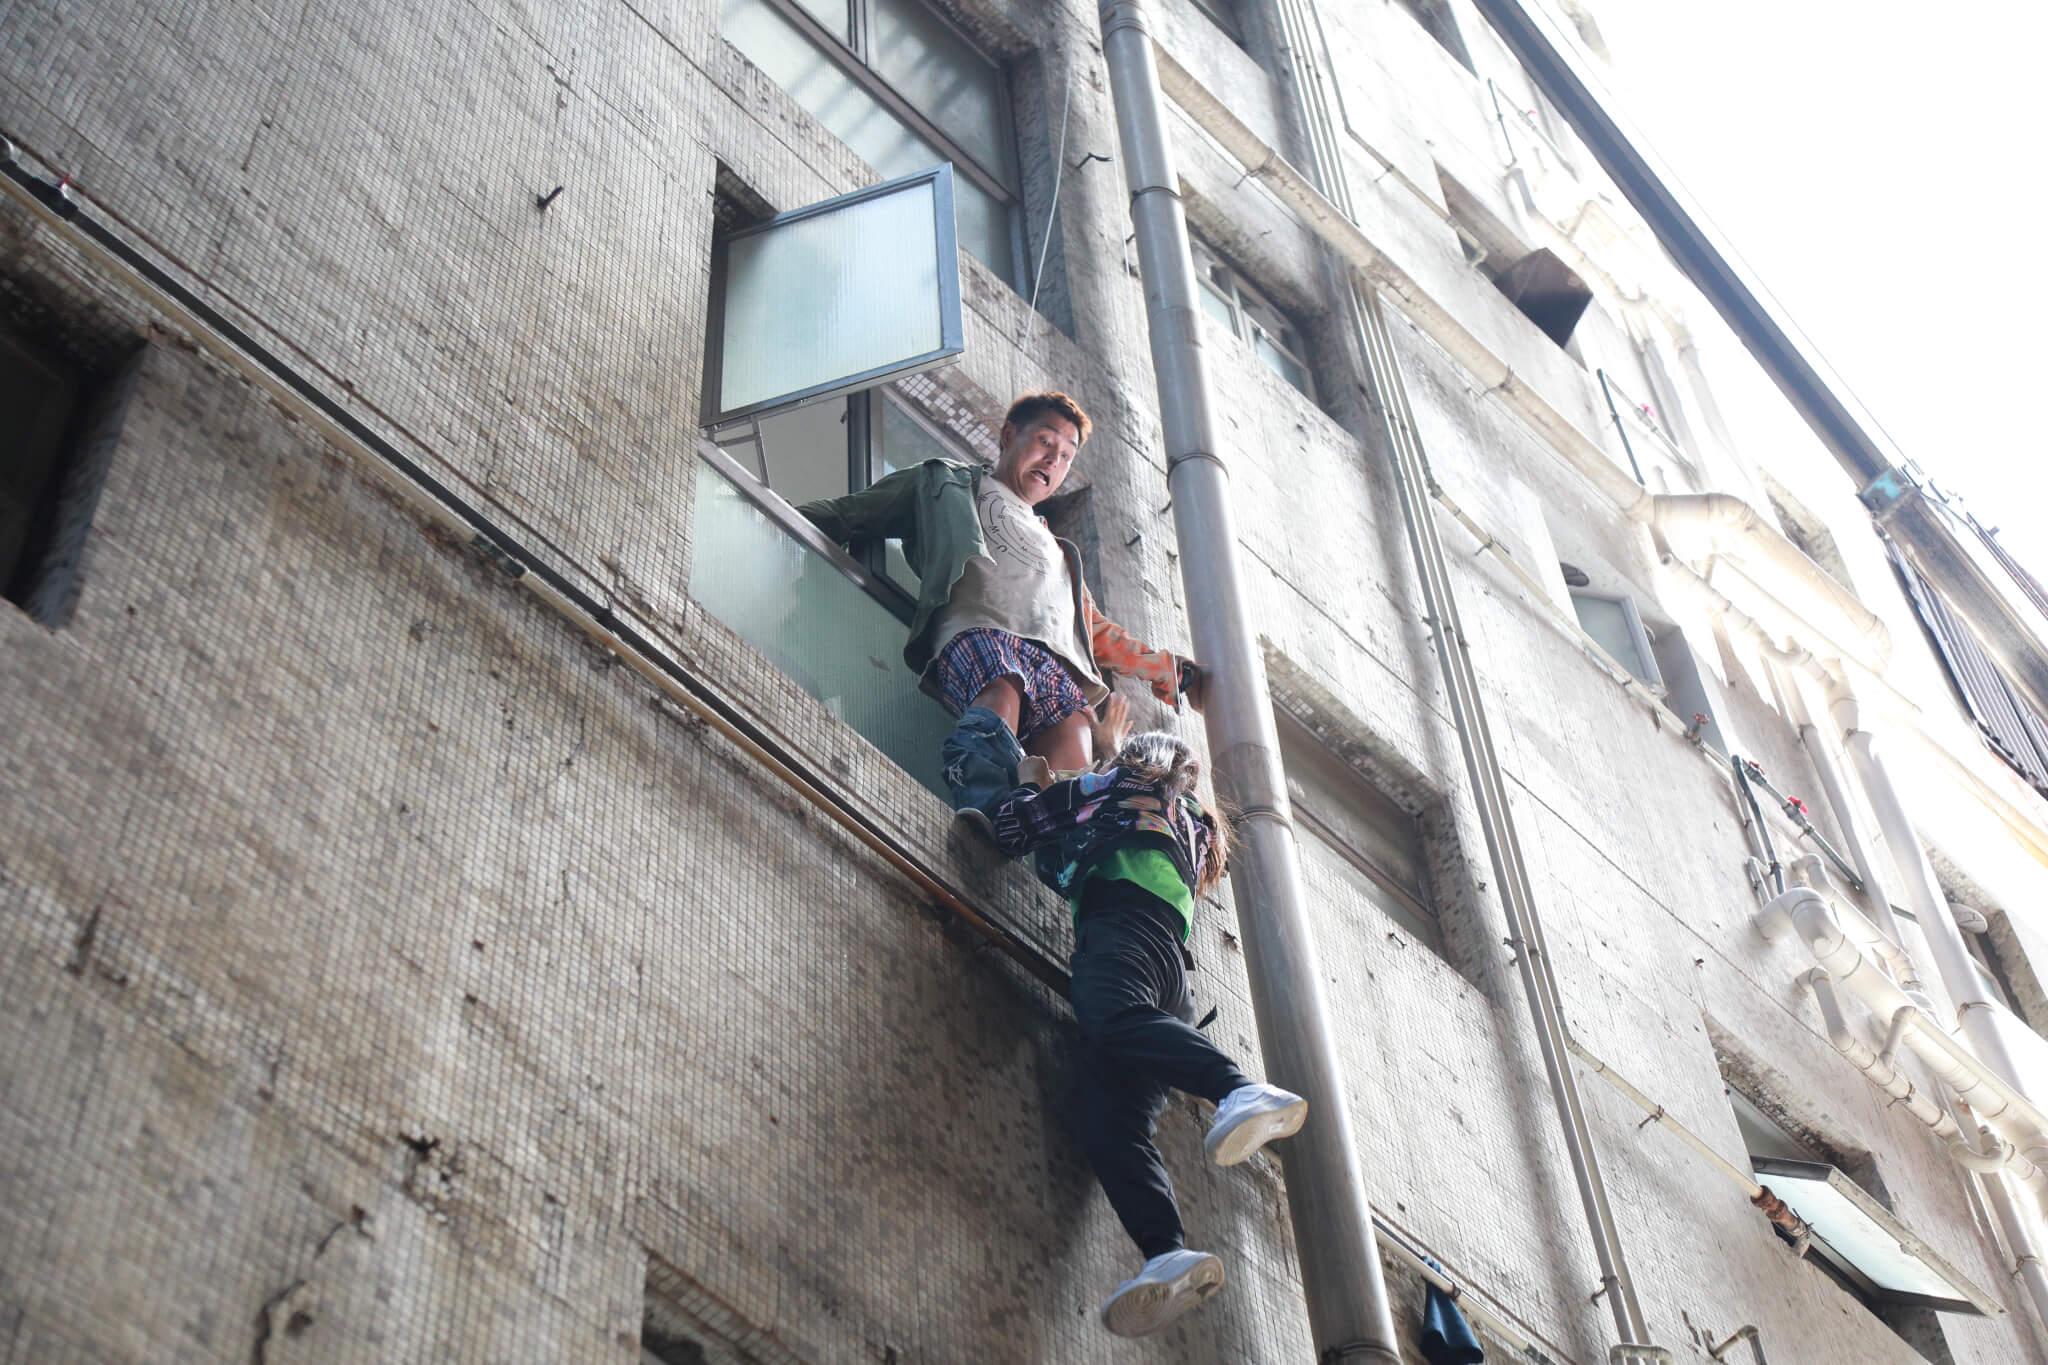 被半天吊的唐詩詠,為保命扯甩陳展鵬條褲,令他當眾露底。